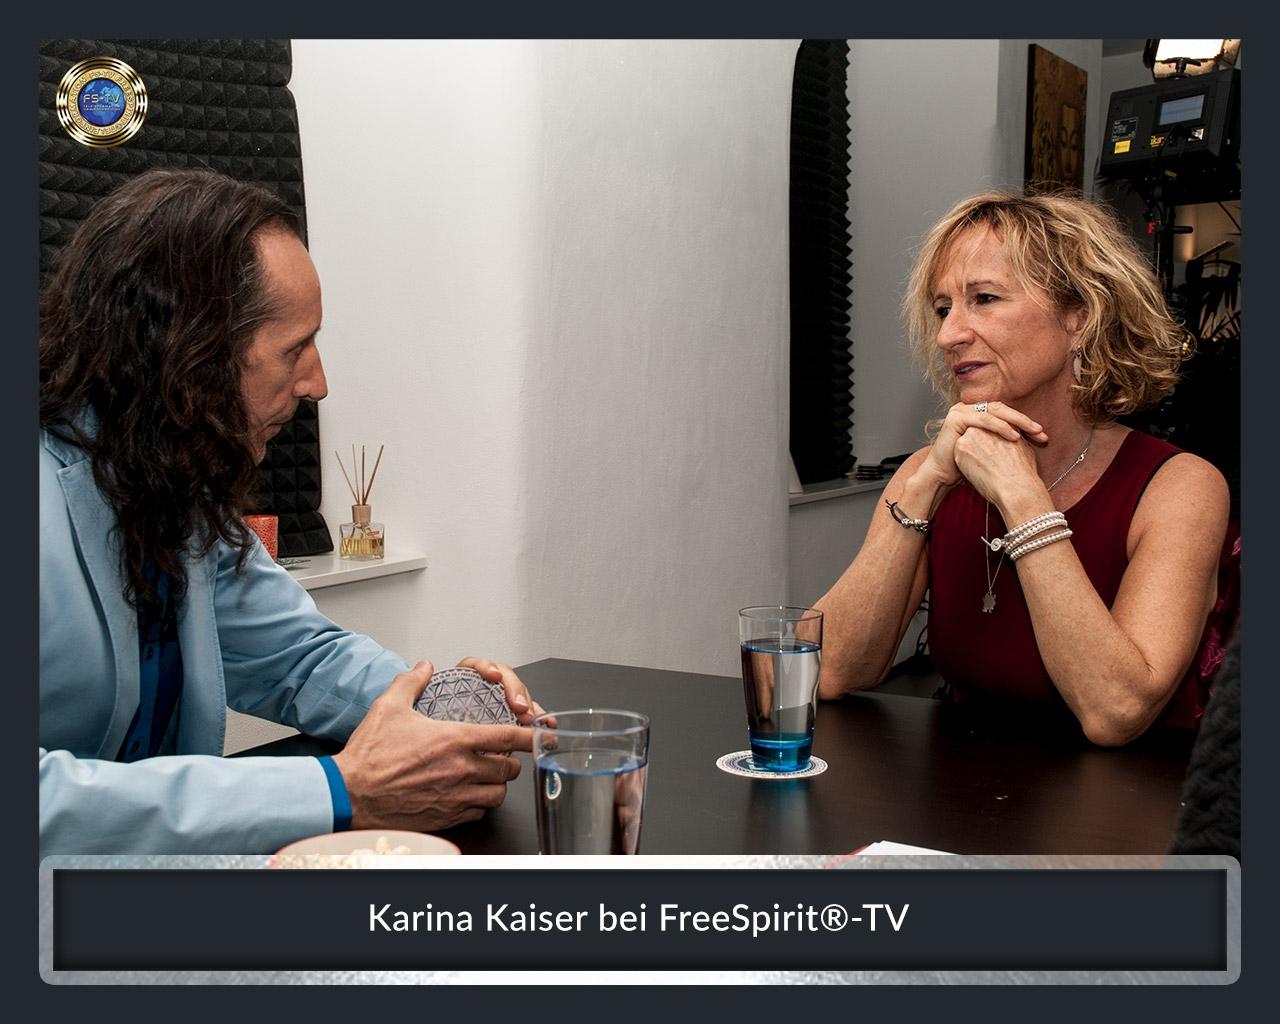 FS-TV-Bildergallerie-Karina-Kaiser-1